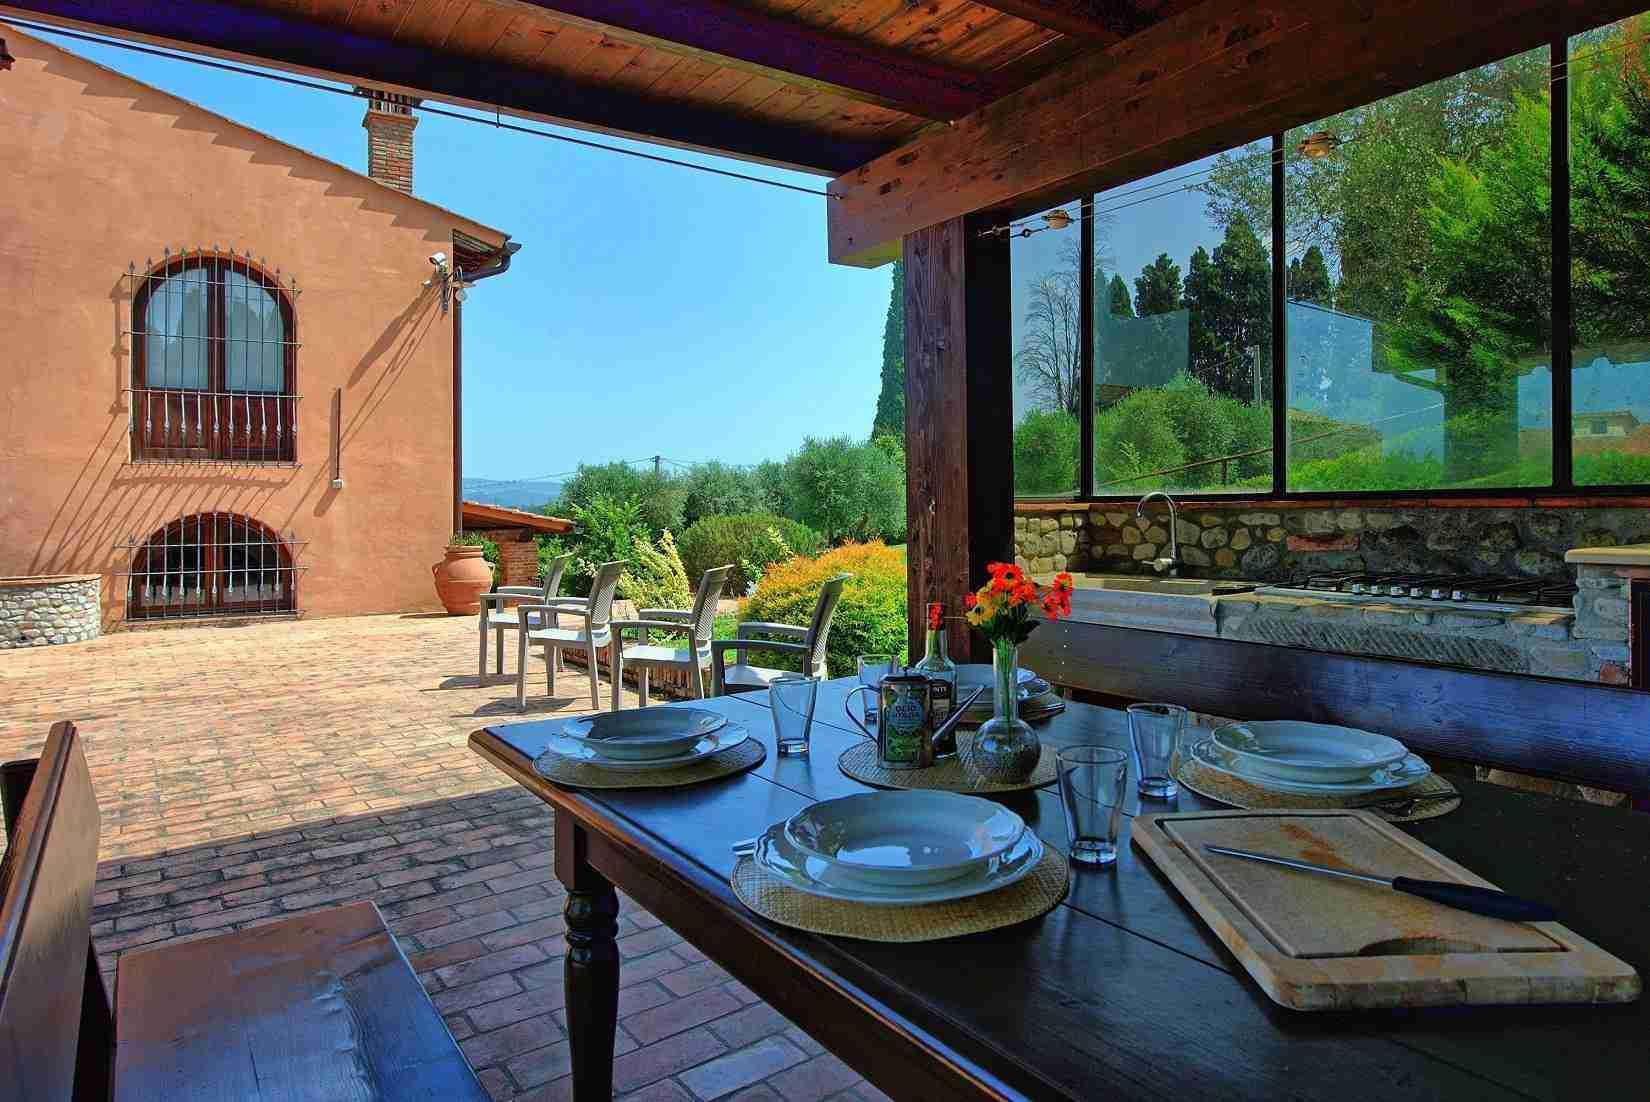 24 Ranieri outdoor kitchen